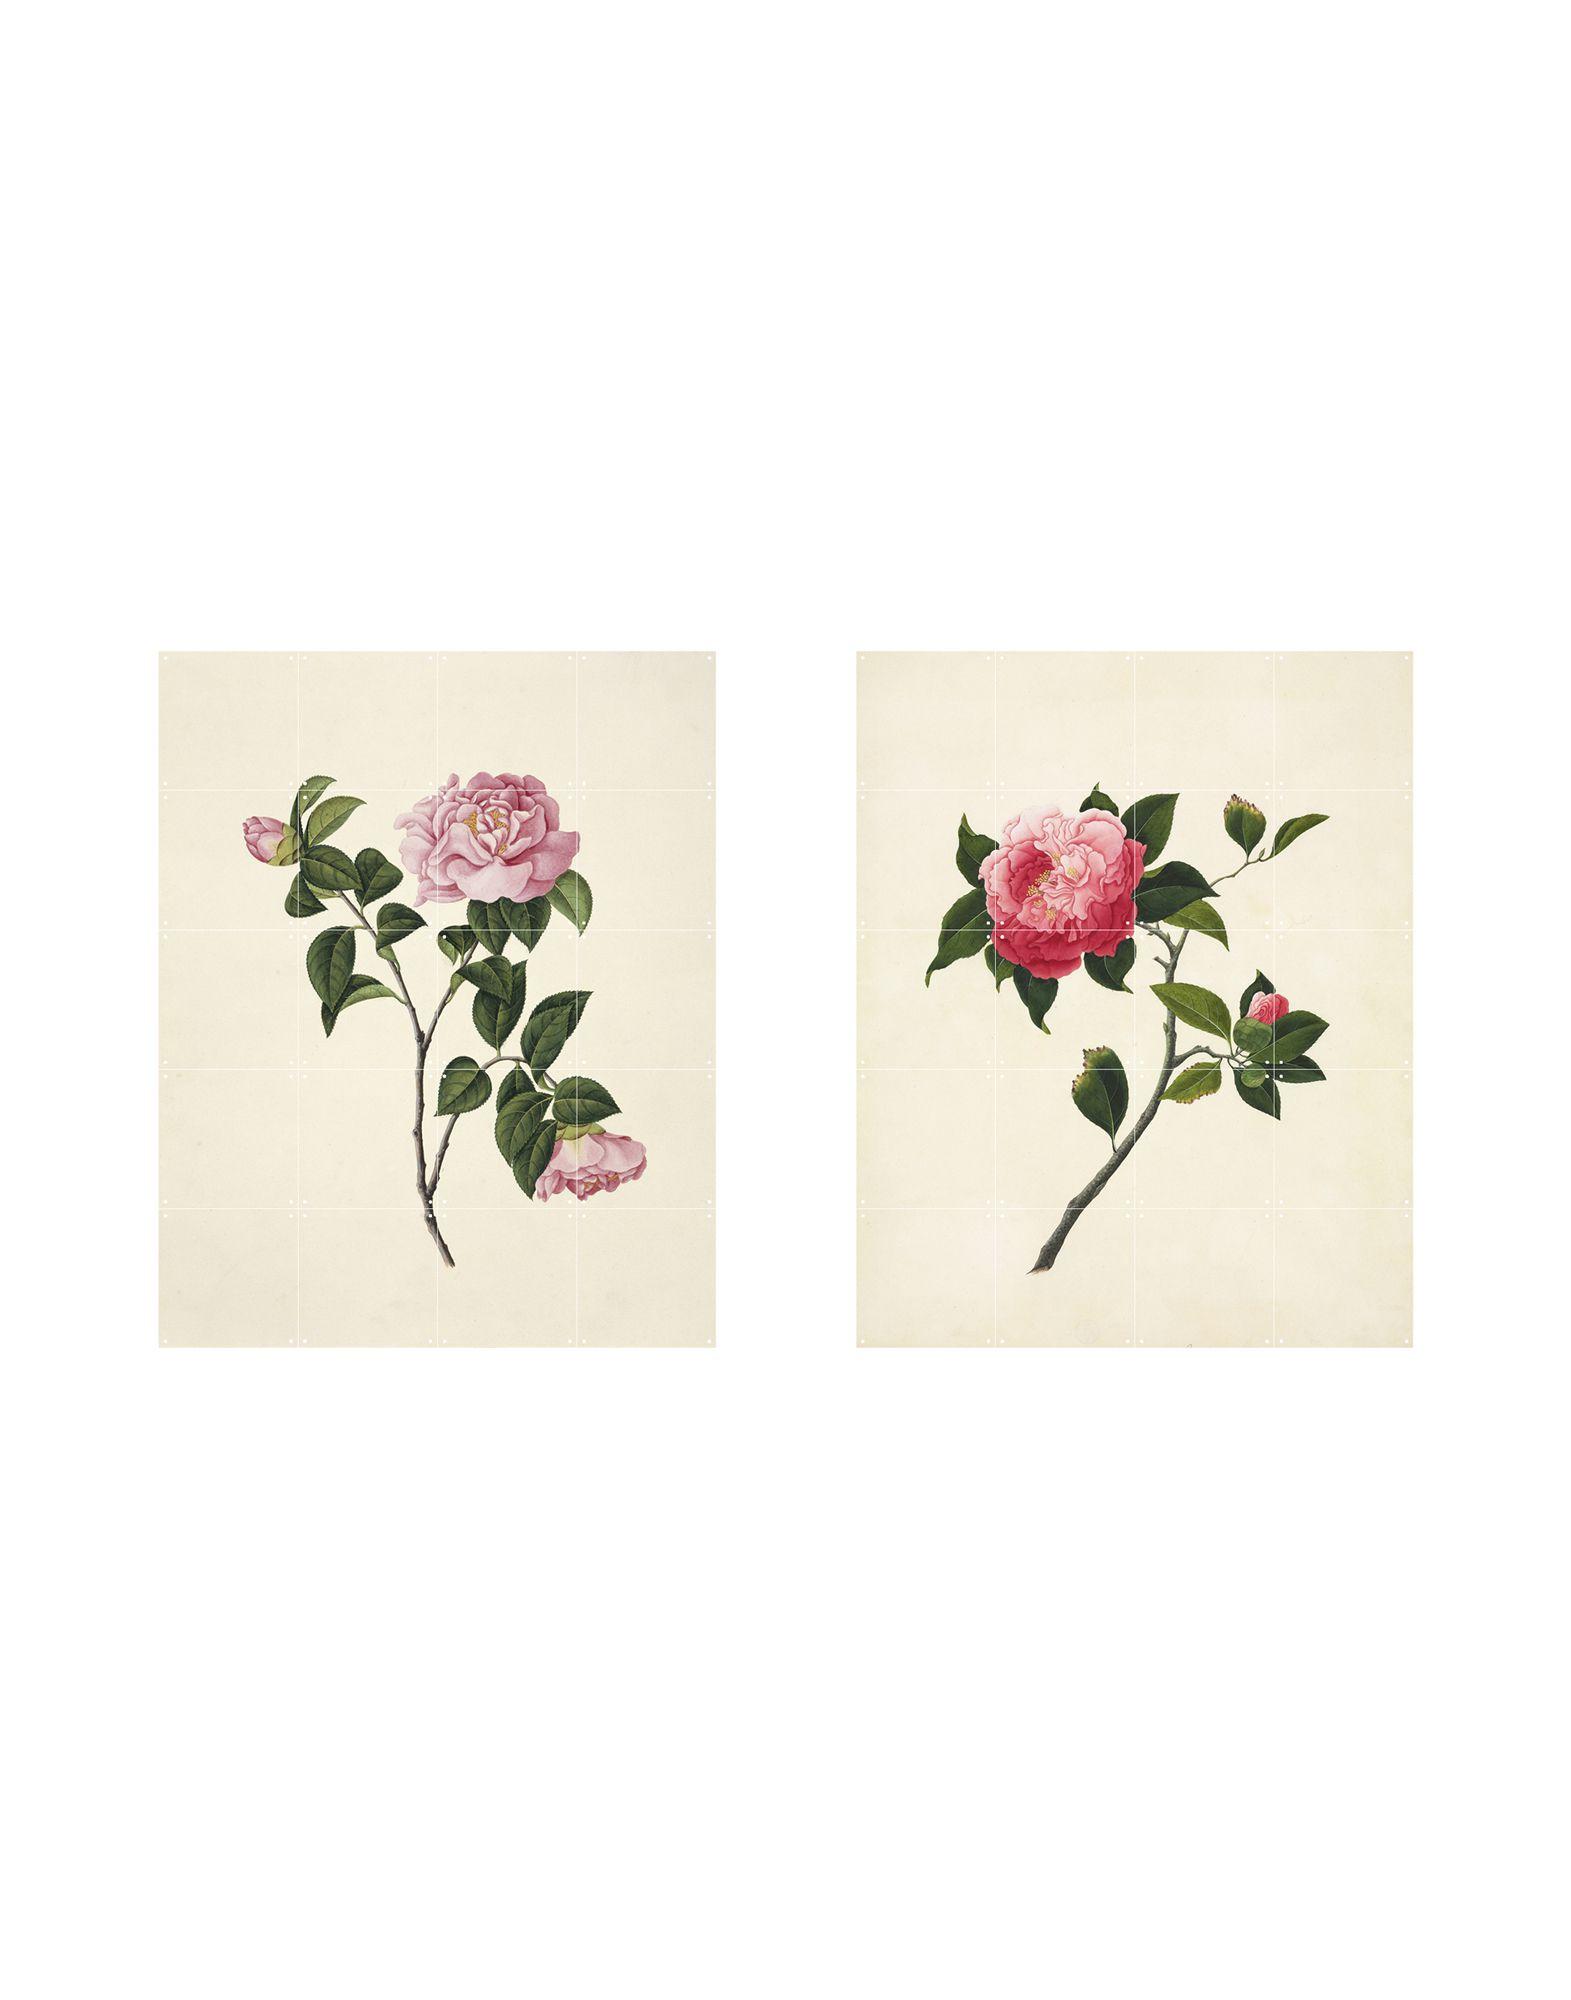 《送料無料》IXXI Unisex デコレーション ホワイト 指定外繊維(紙) Two Flowers